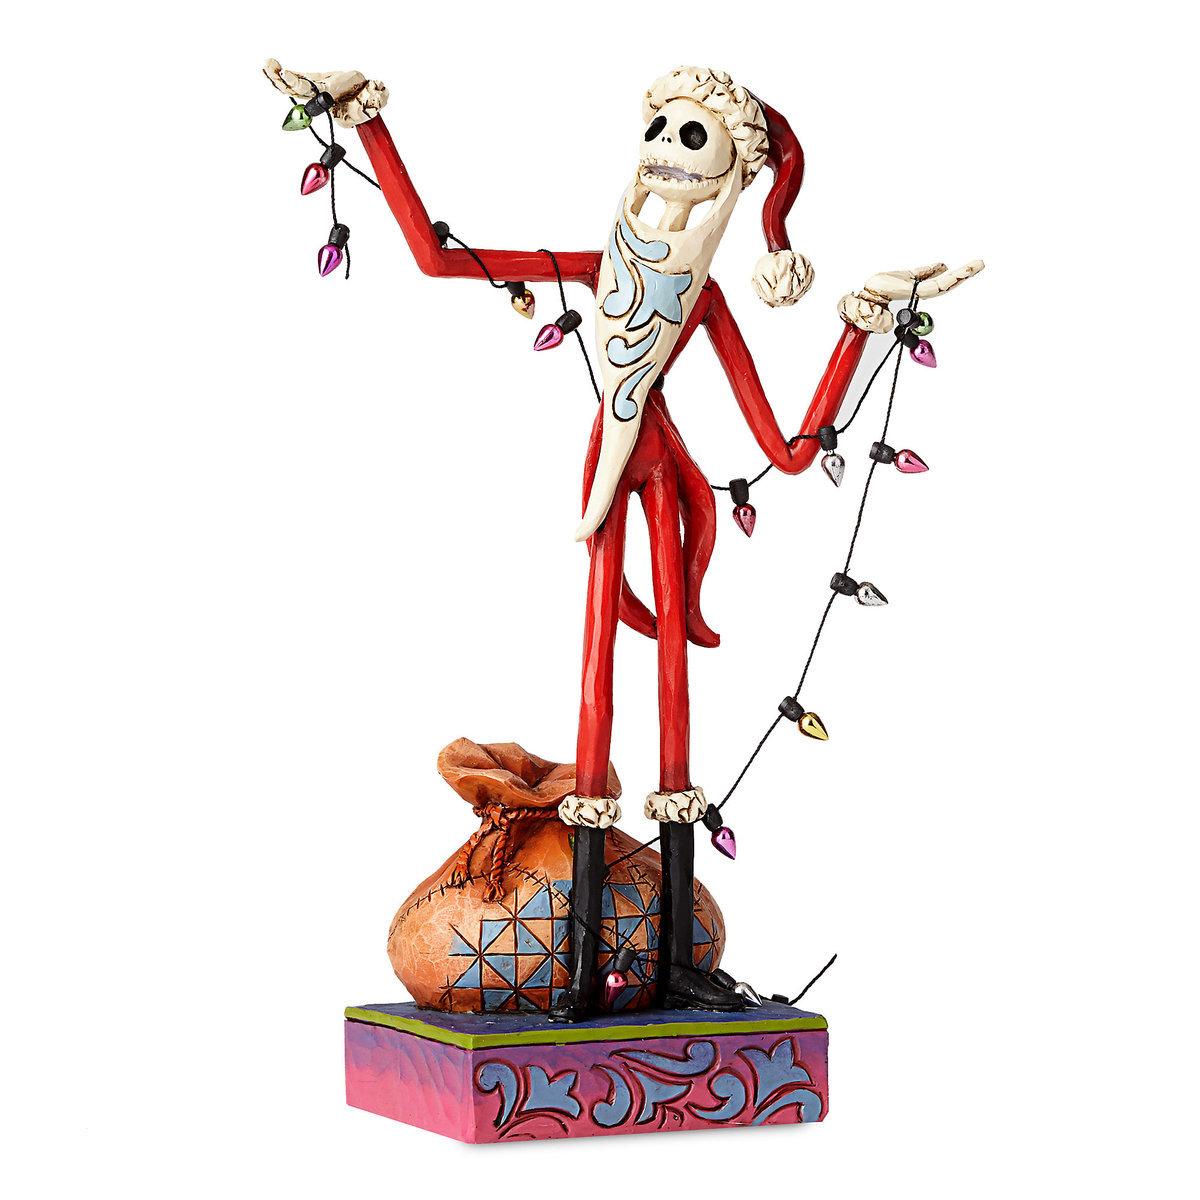 ジムショア ディズニー フィギュア ナイトメアービフォアクリスマス ジャックスケリントン サンタクロース クリスマス インテリア ギフト